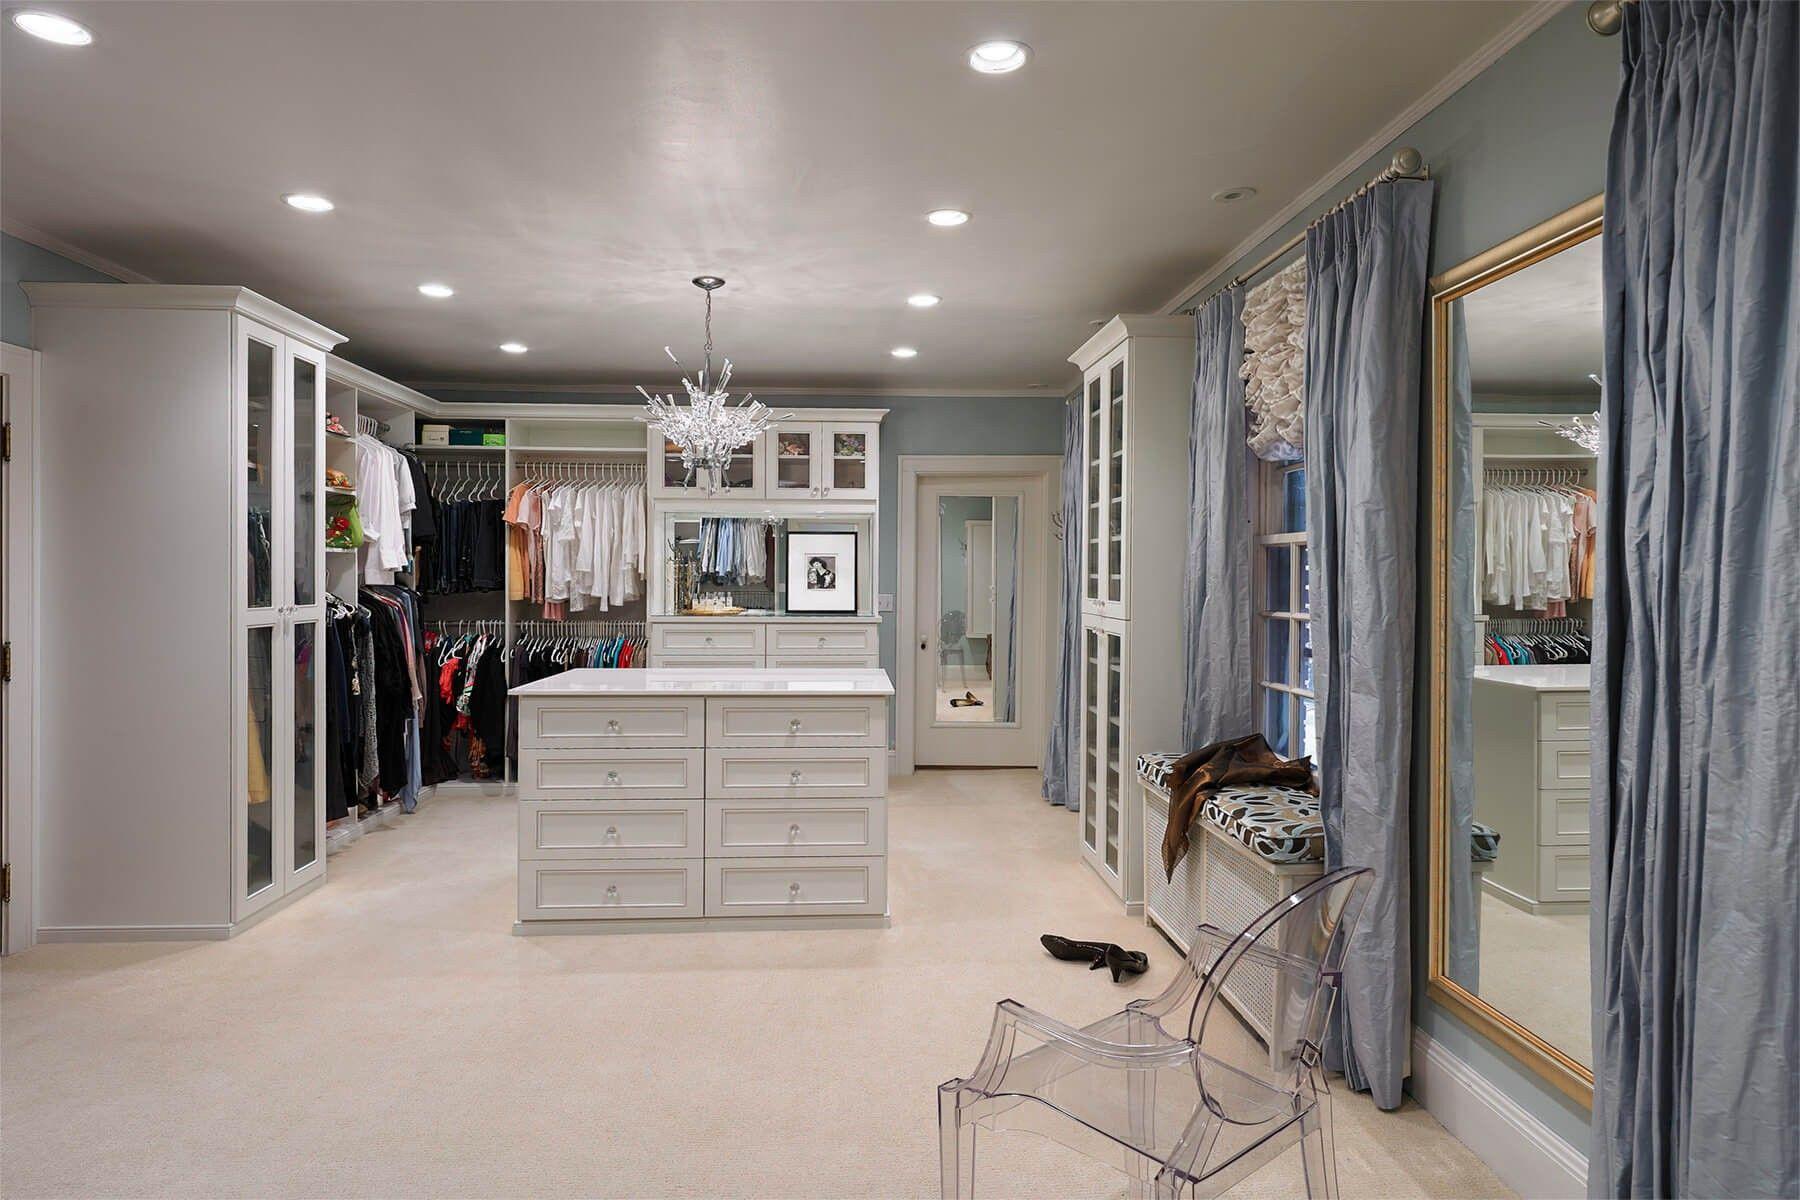 Seidiger Stoff Vorhänge umrahmen die Fenster und das Kabinett in diesem Bereich. Eine große Kommode mit mehreren Schubladen bietet zusätzlichen Speicherplatz für Sonderposten.